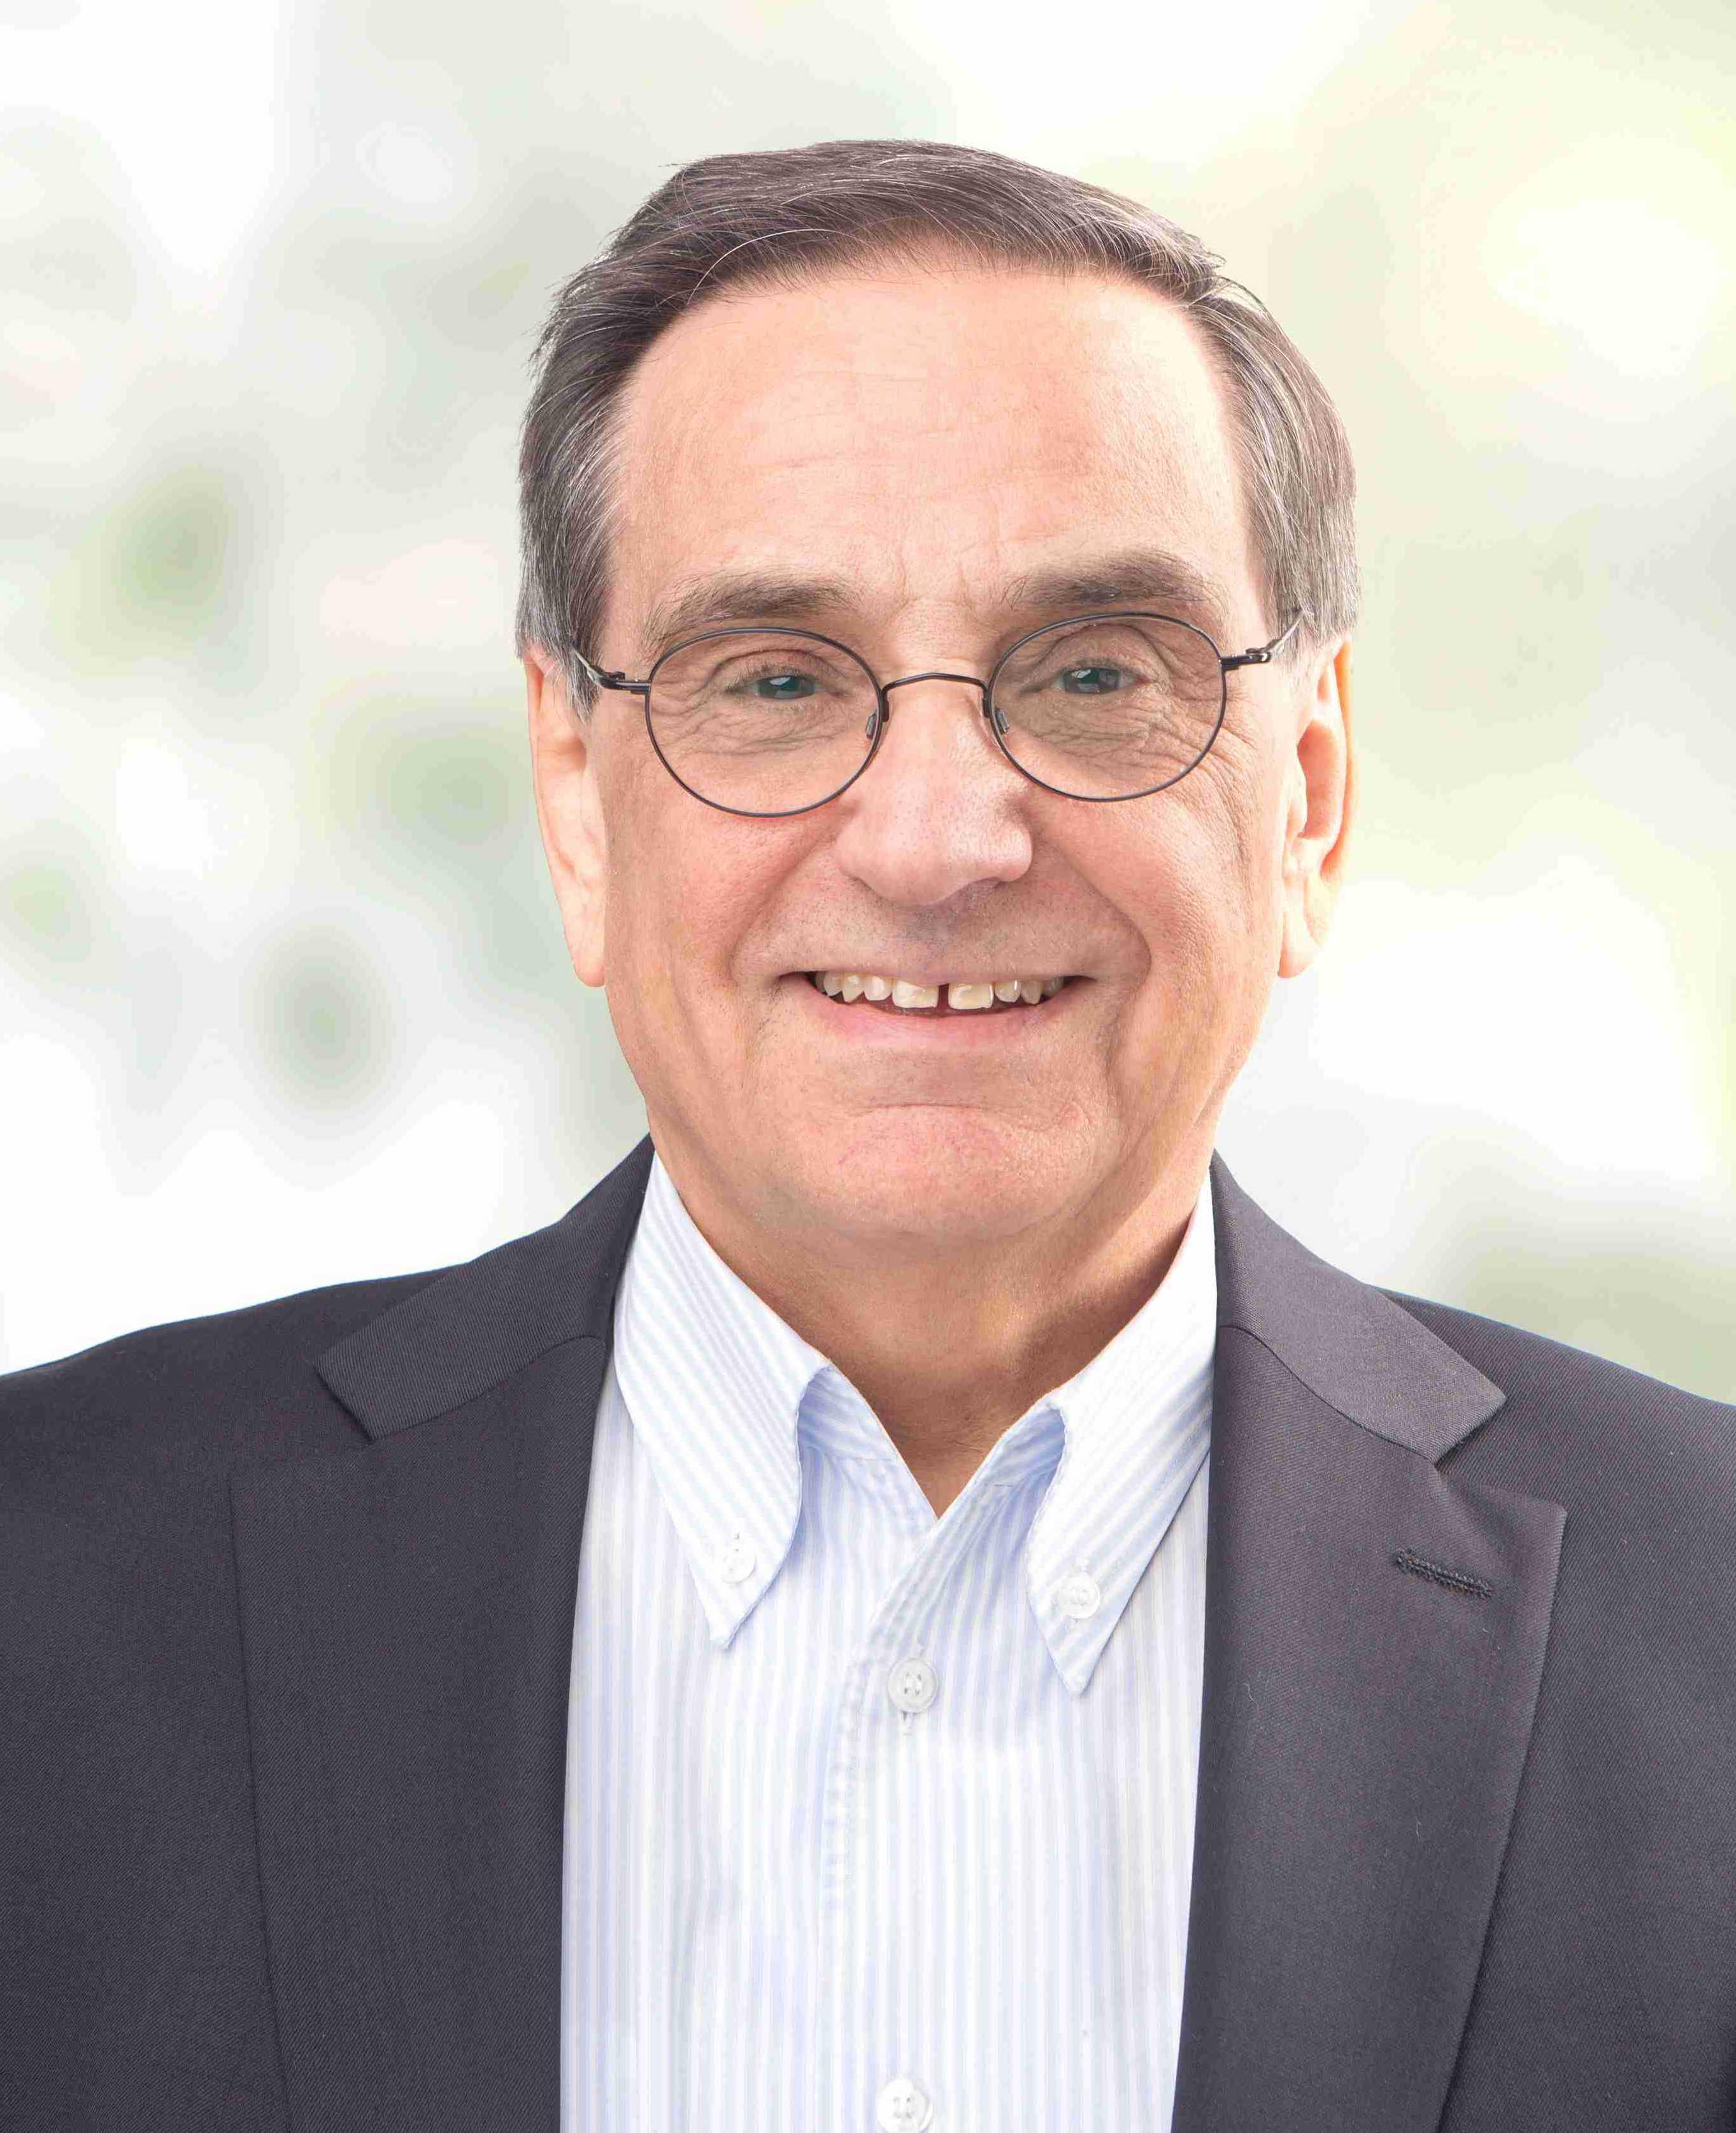 Hans-Jürgen Schnellrieder